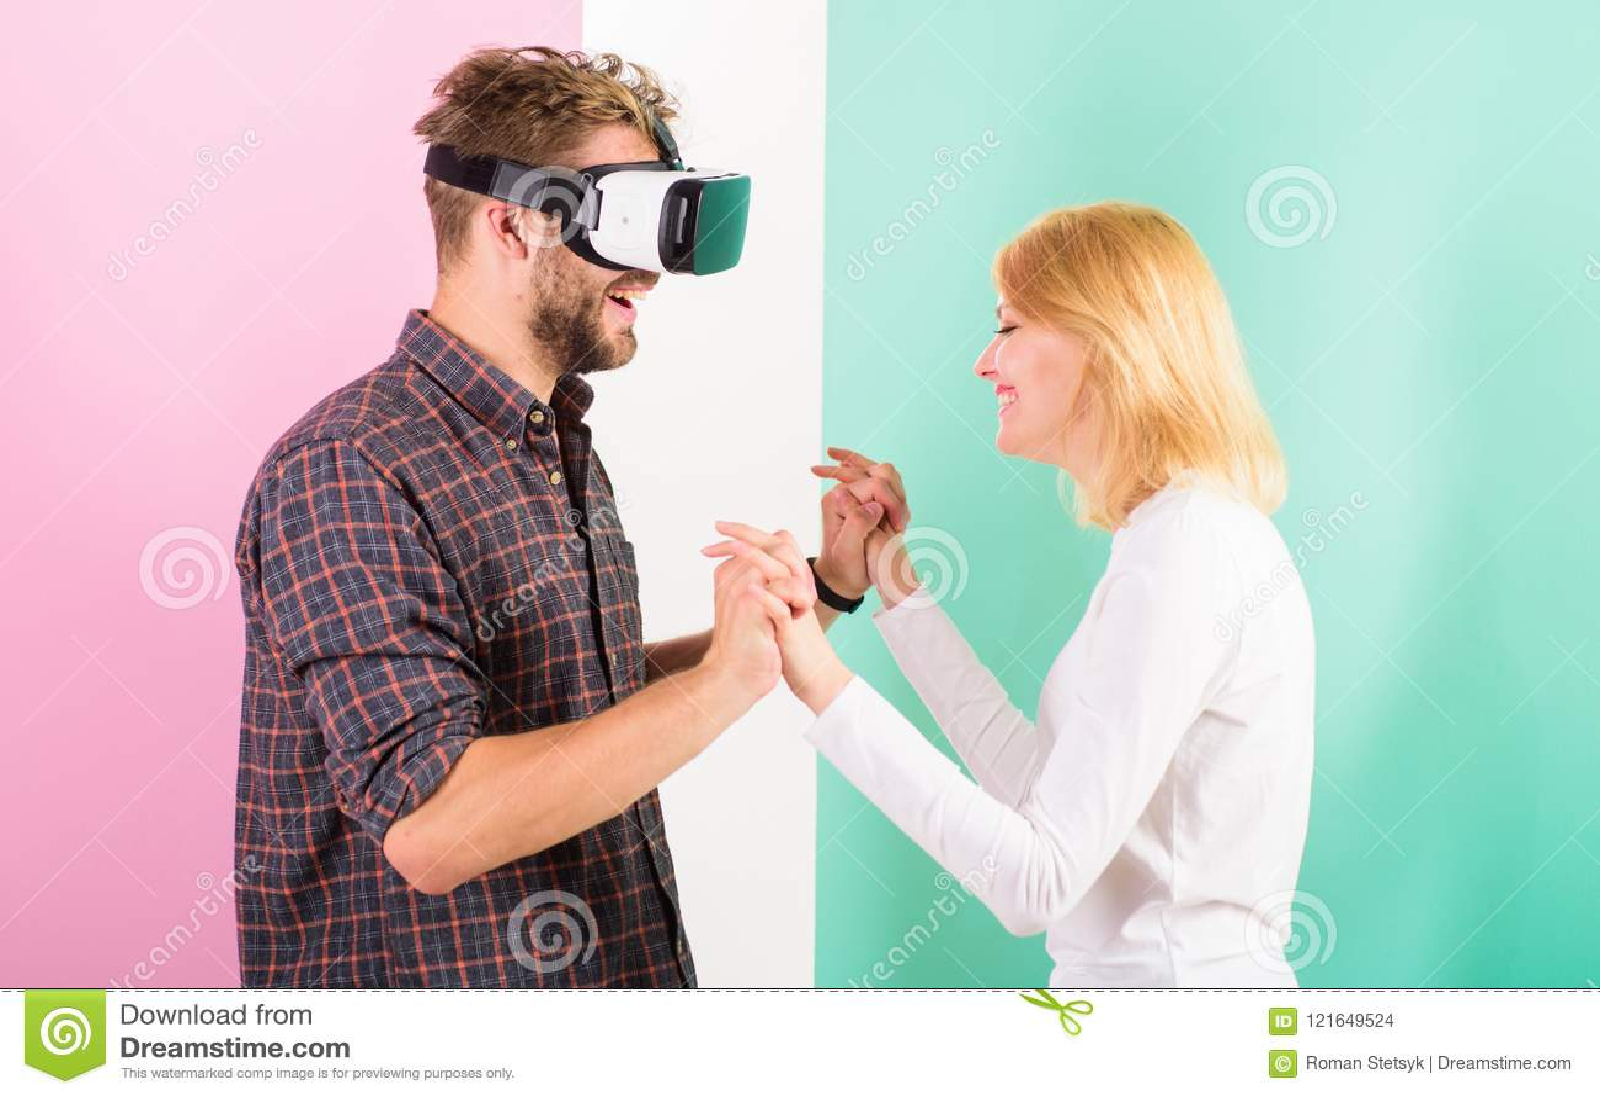 Gläser des Mannes VR genießen Videospiel Bestes Geschenk überhaupt Mann genießen virtuelle Realität Das glückliche Mädchen mag er